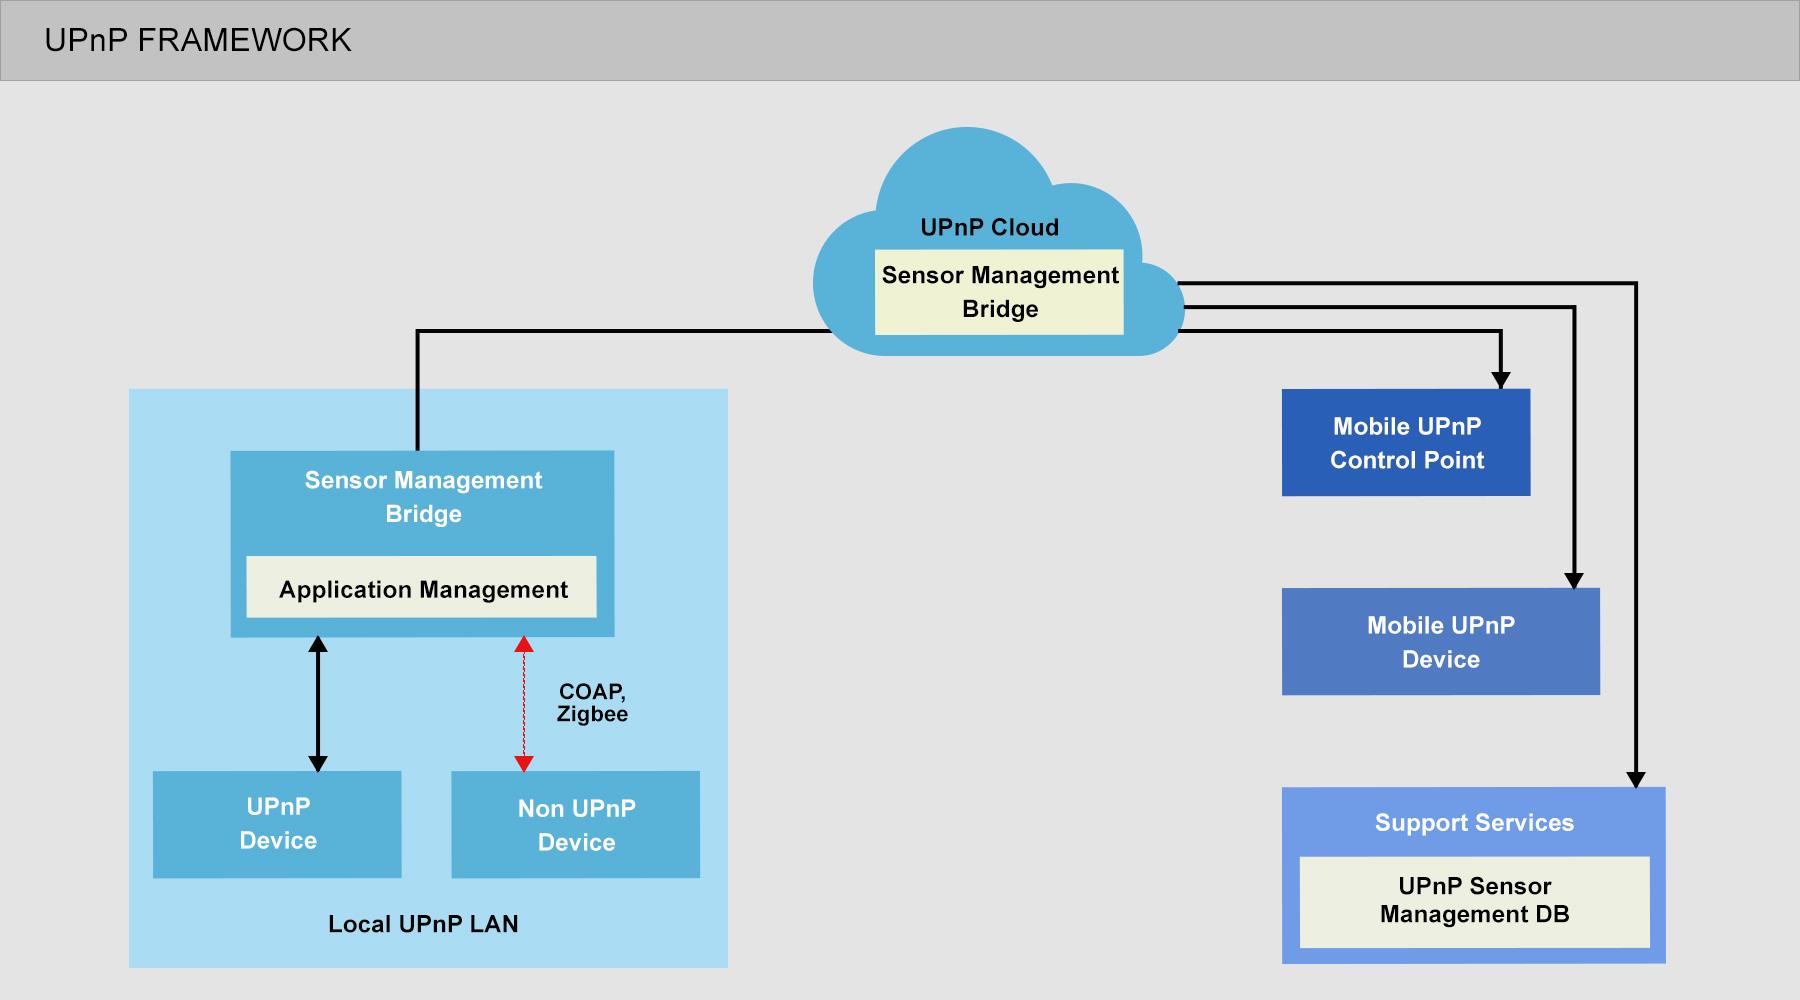 UPnP Framework